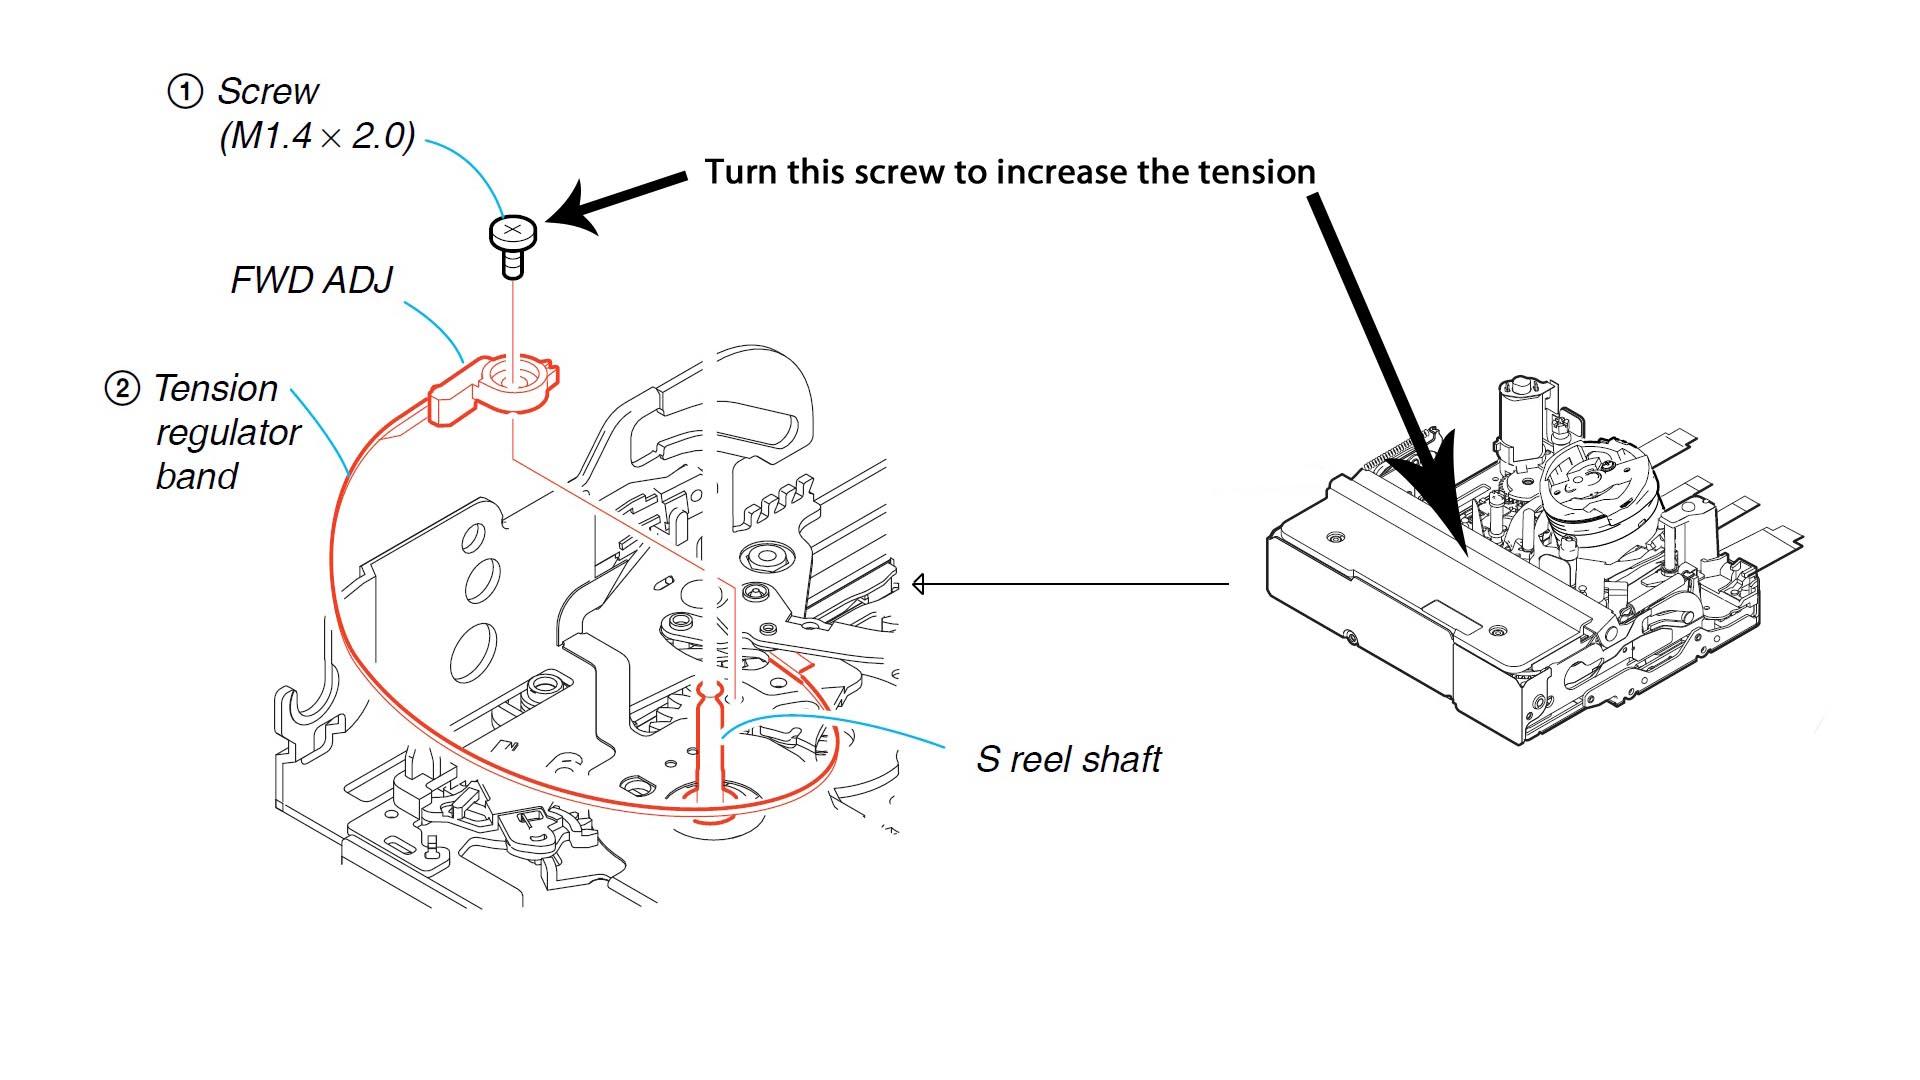 t5 engine rebuild cost